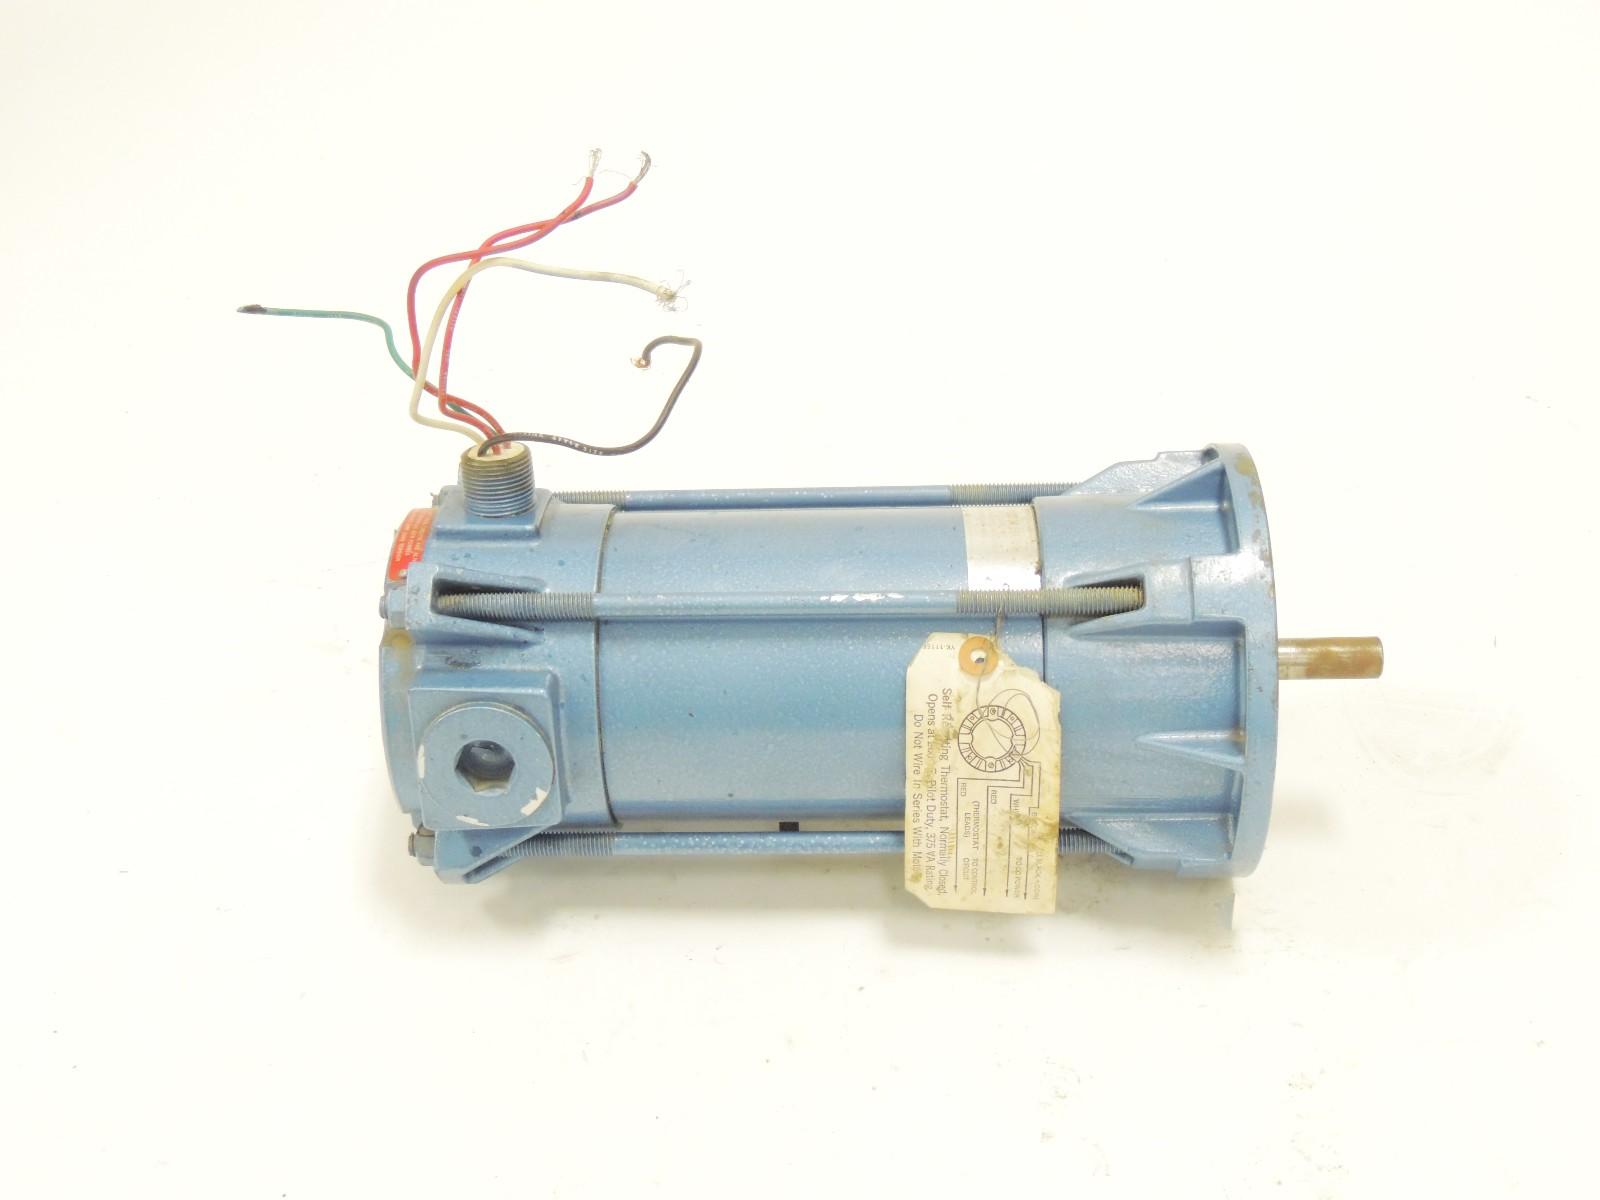 Used Pacific Scientific Dc Motor Ep3640 1436 7 56bc Cu 1 2 H P 90 Vdc 1800 R Ebay